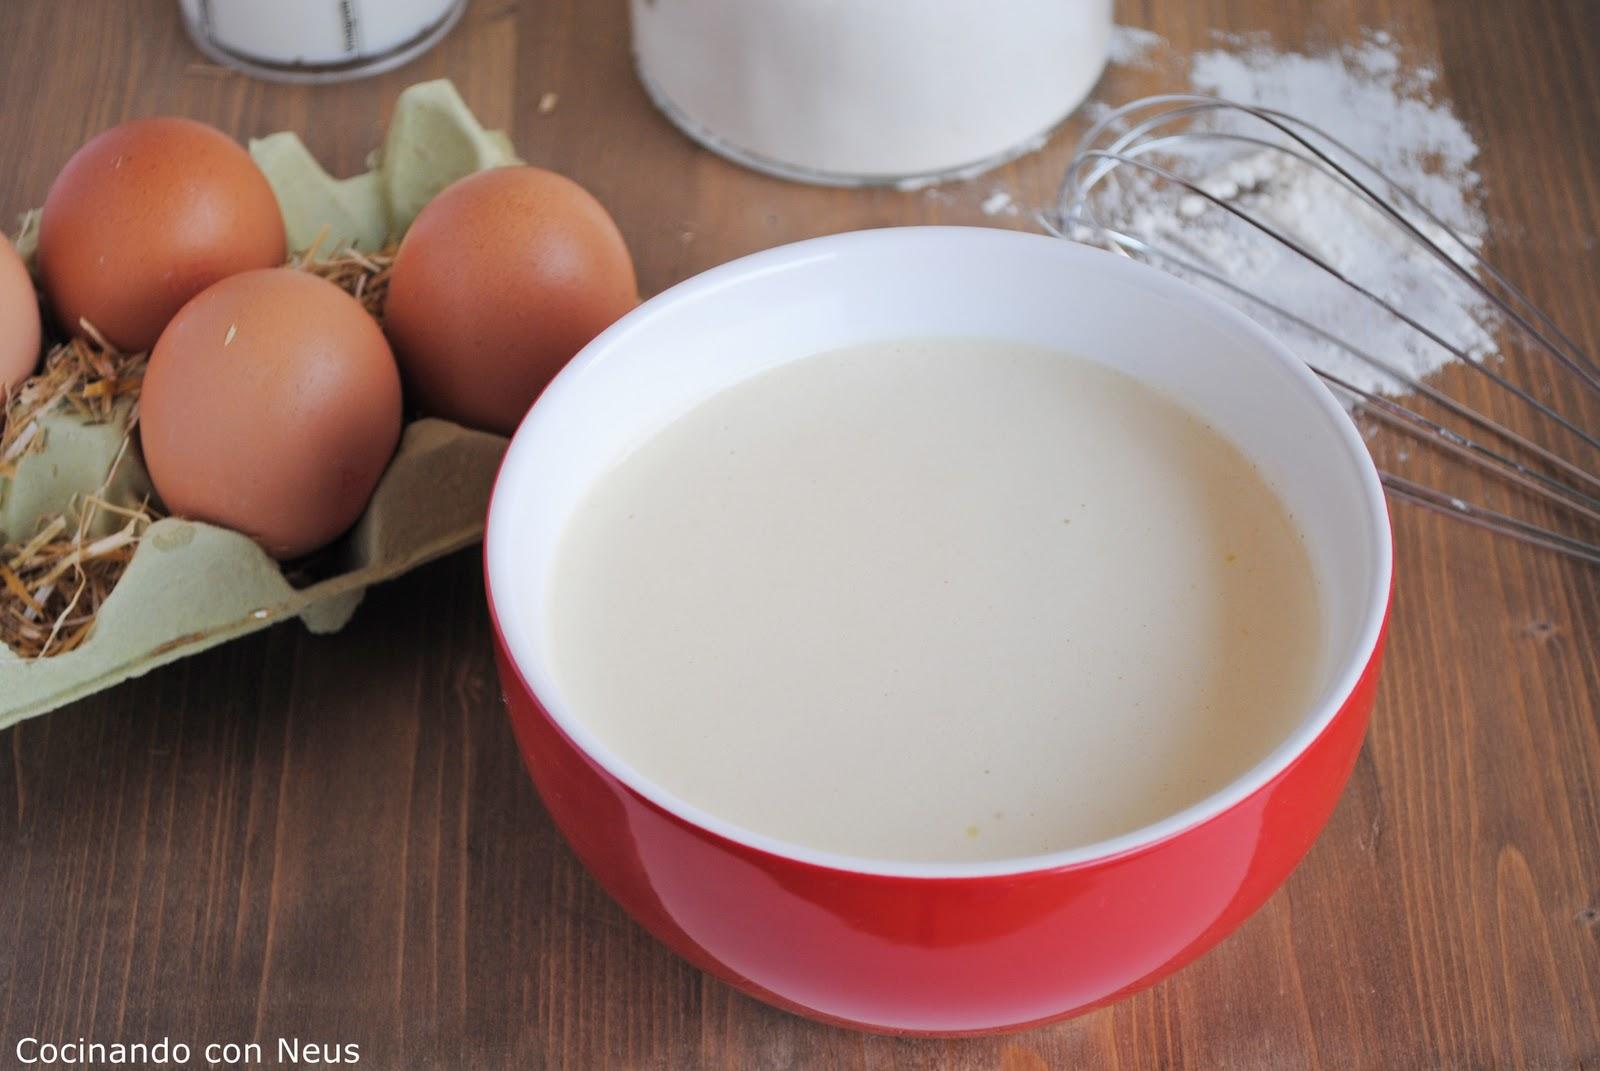 Neus cocinando con thermomix masa para cr pes con thermomix - Como hacer masa de crepes ...